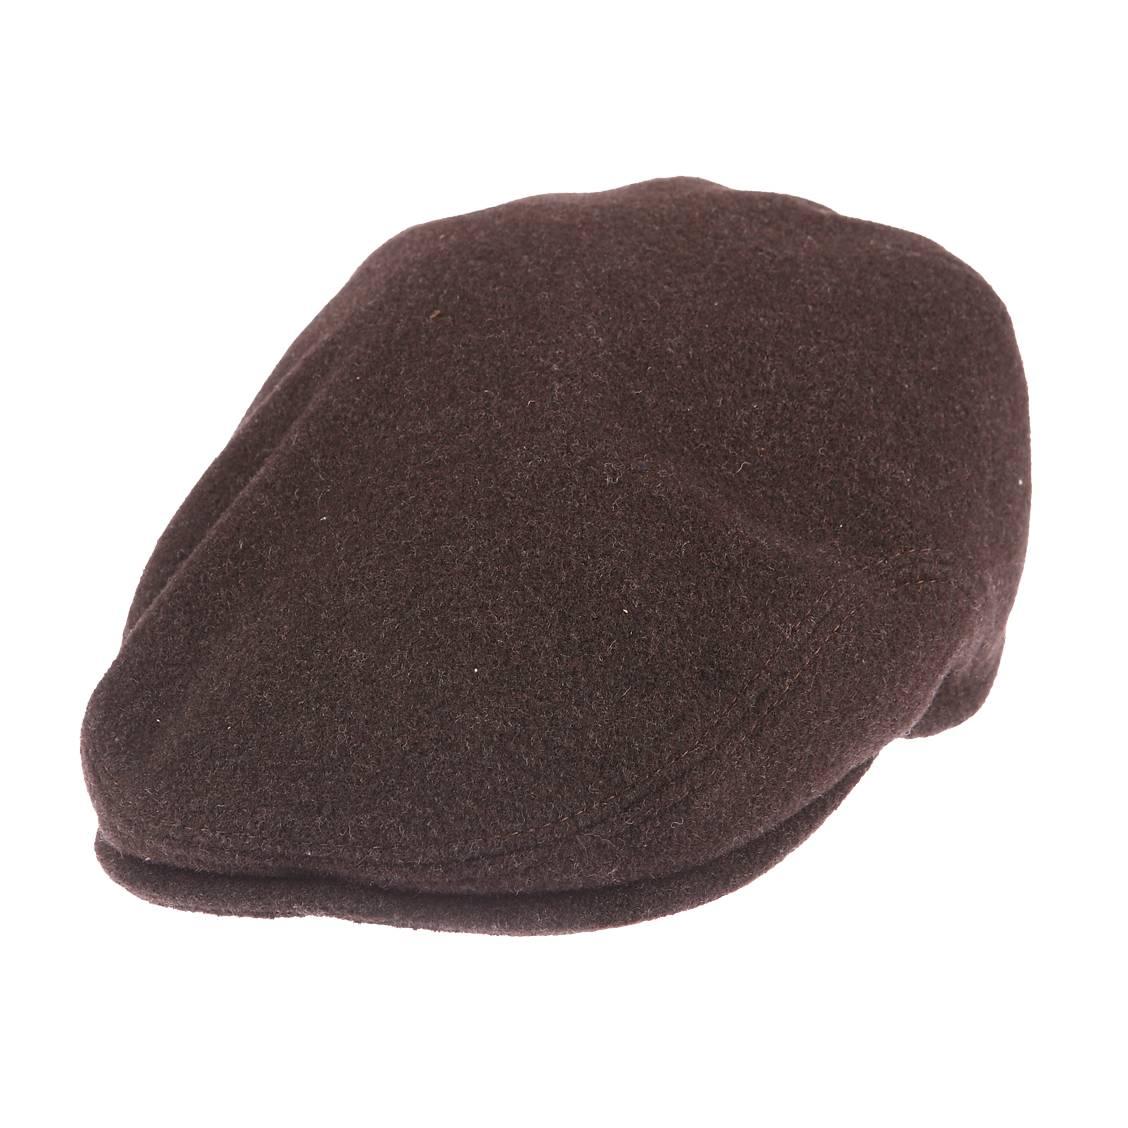 Casquette Bristol-K Göttmann en laine marron avec cache oreilles